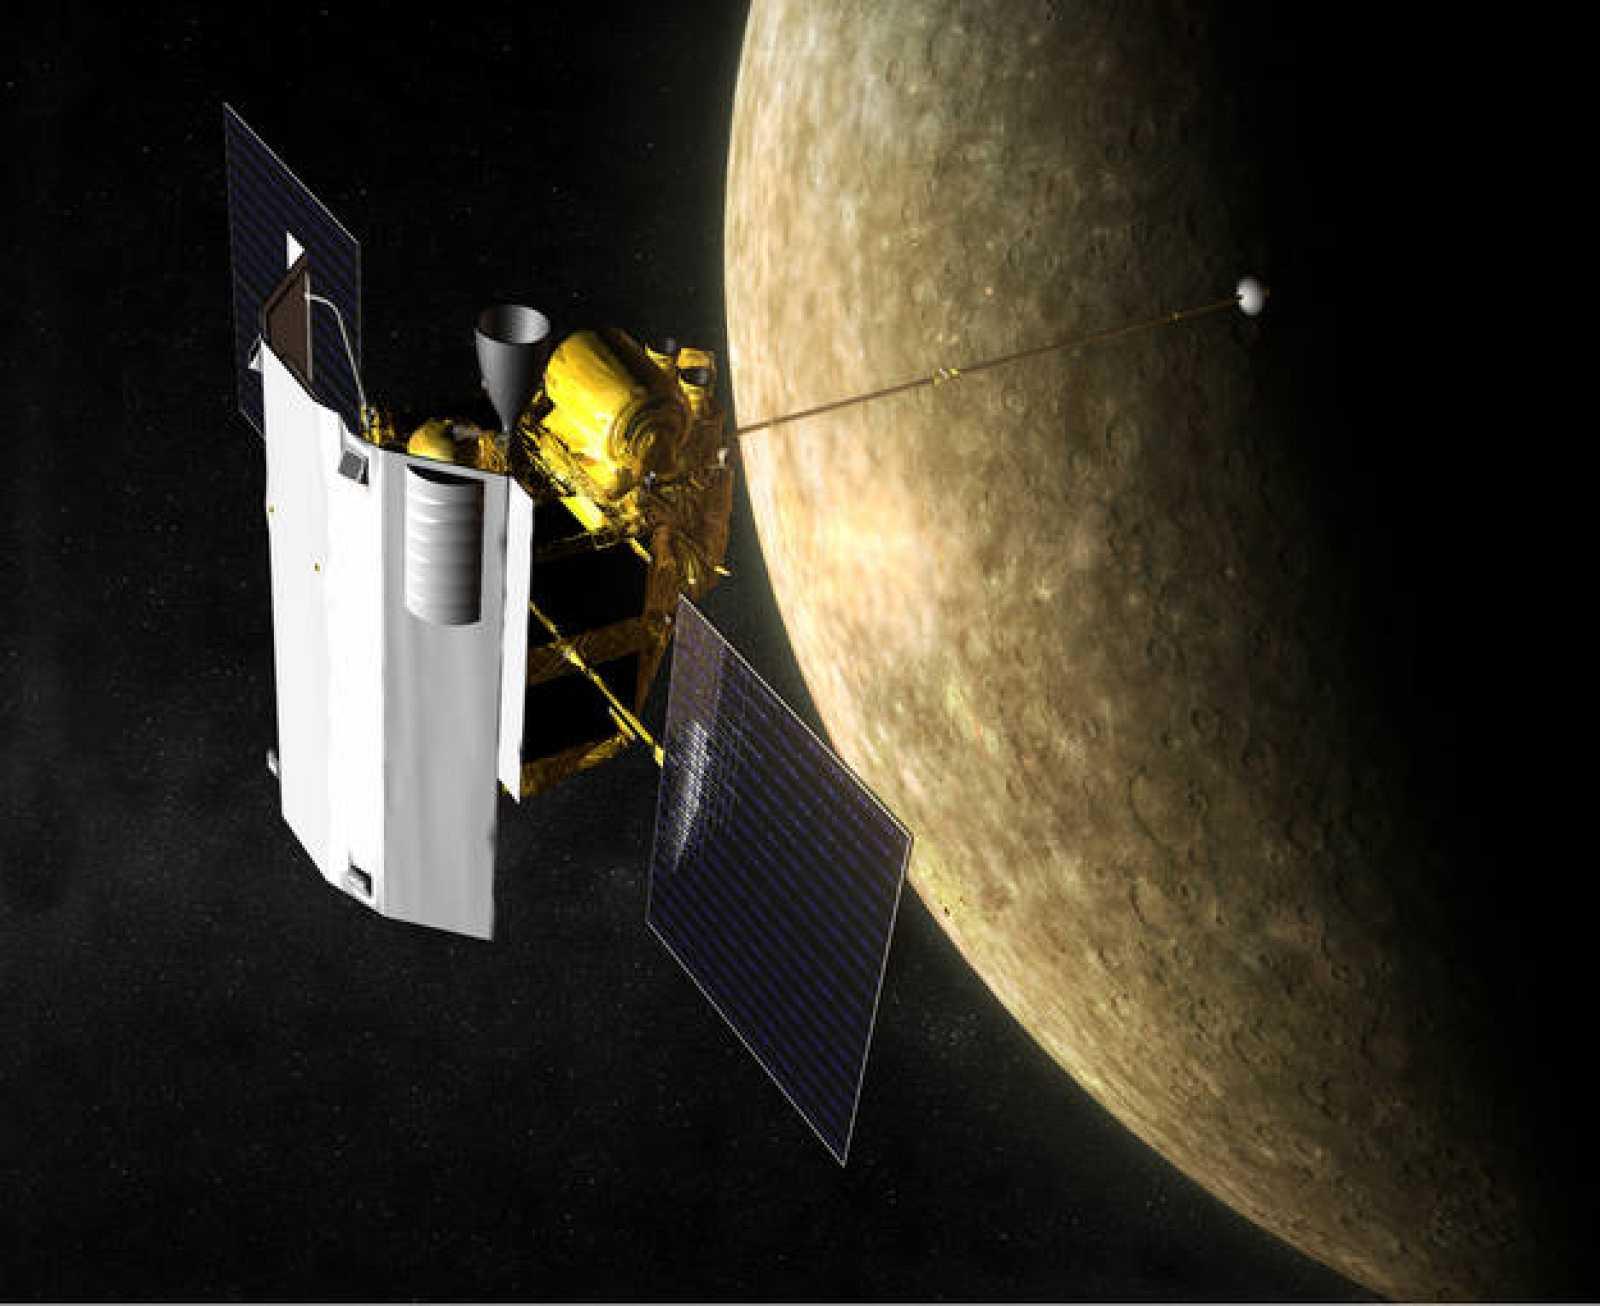 Recreación artística de la sonda Messenger en la órbita de Mercurio